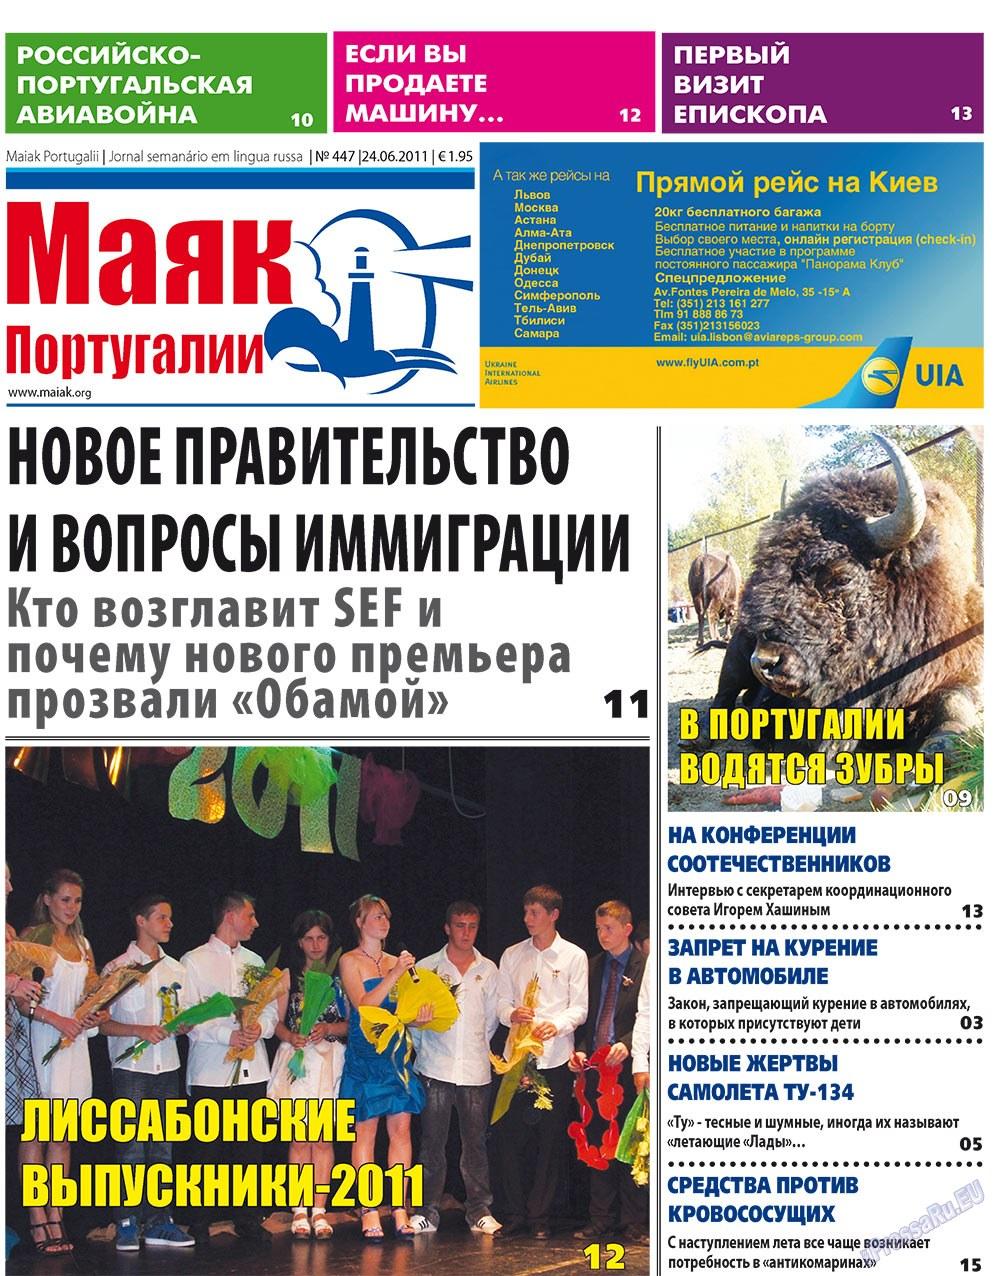 Маяк Португалии (газета). 2011 год, номер 447, стр. 1